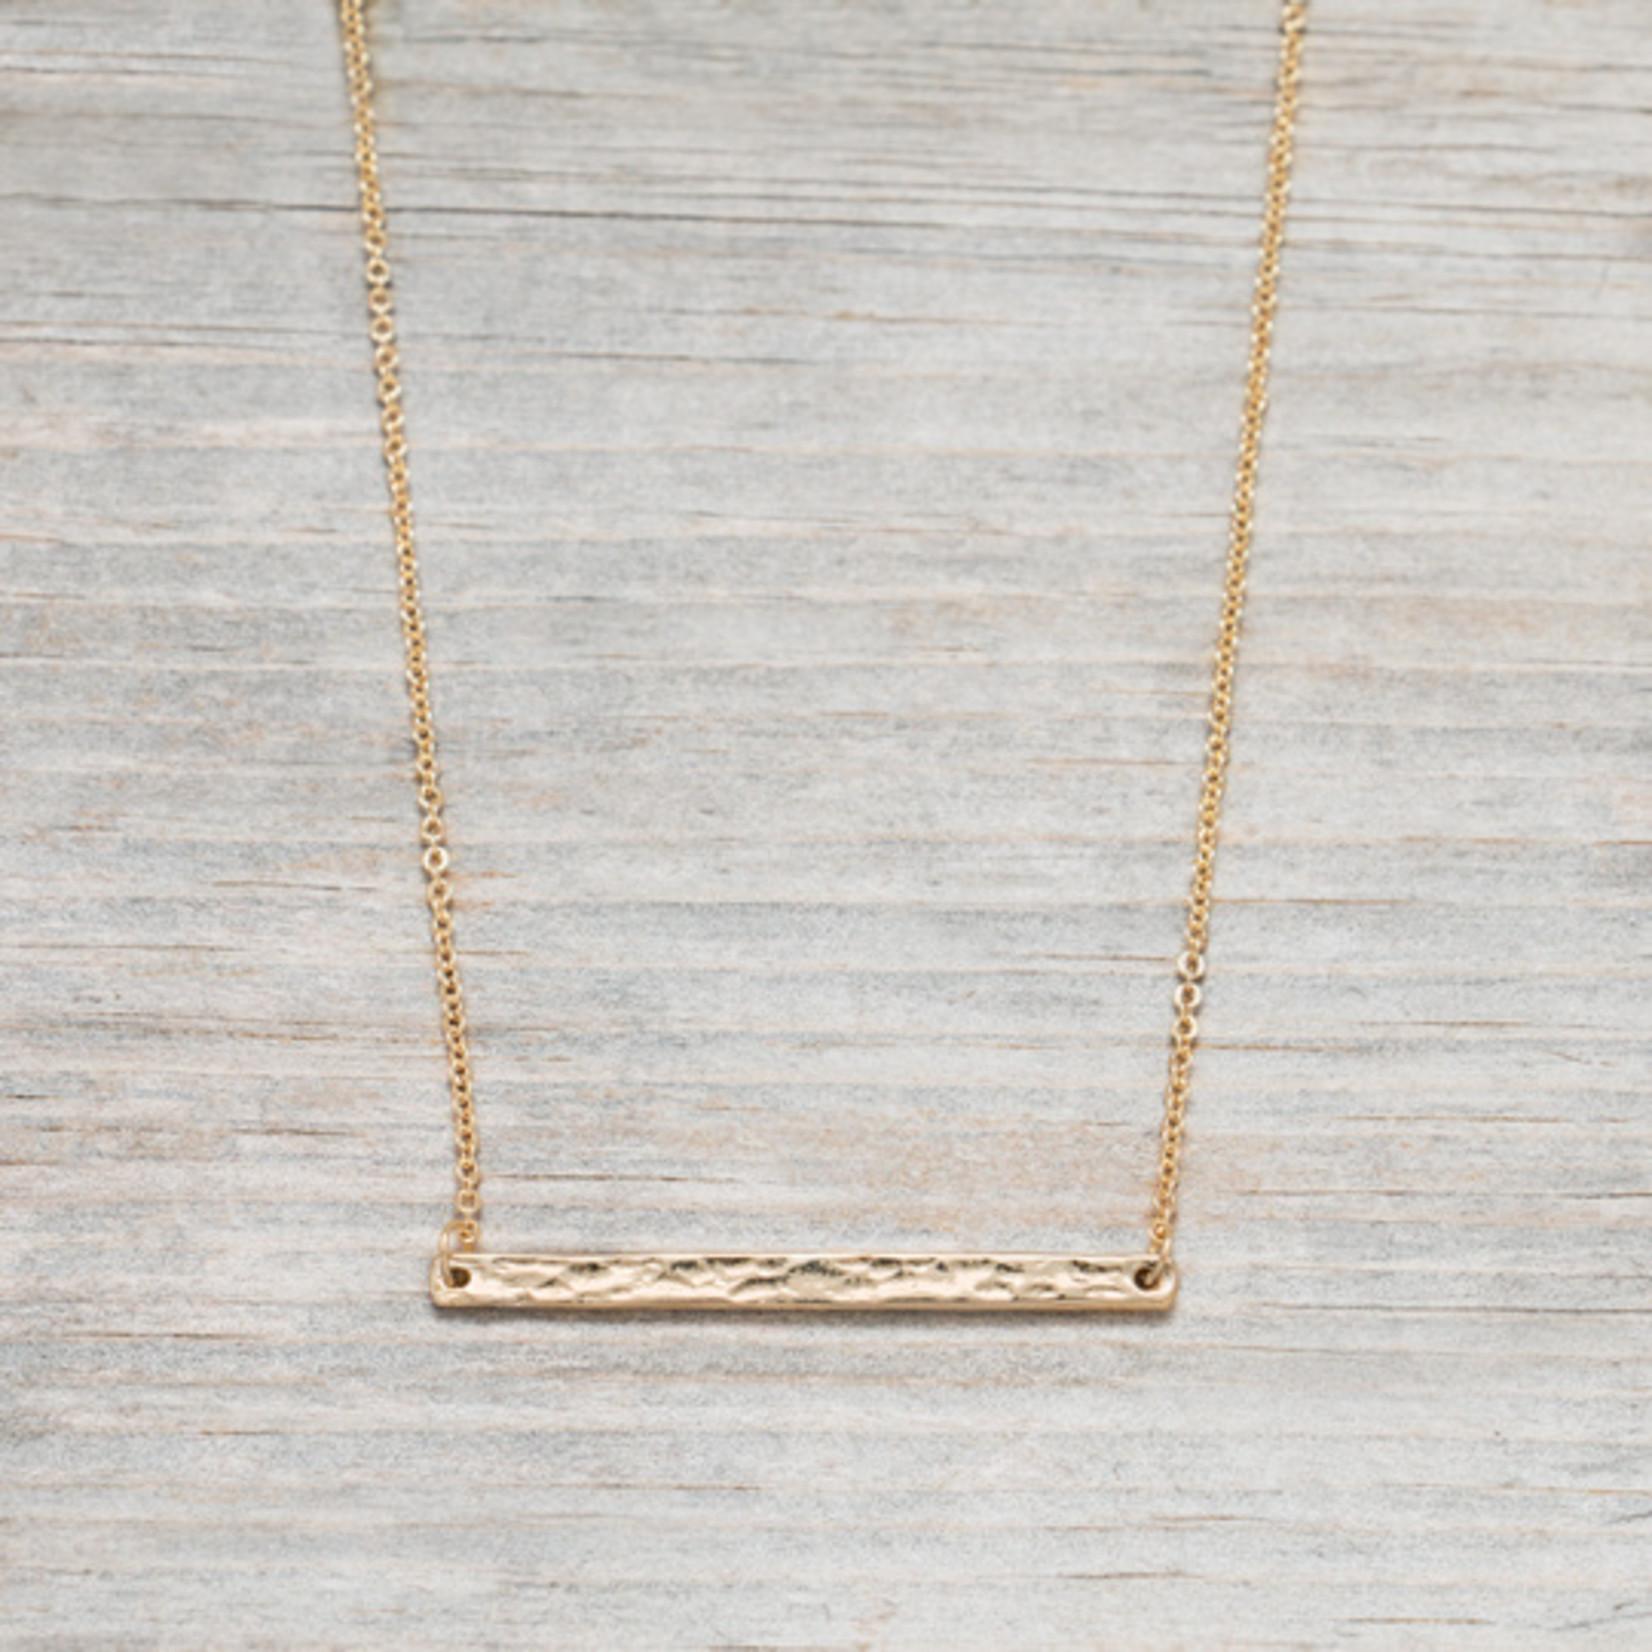 Glee Jewelry ~ Mia Necklace